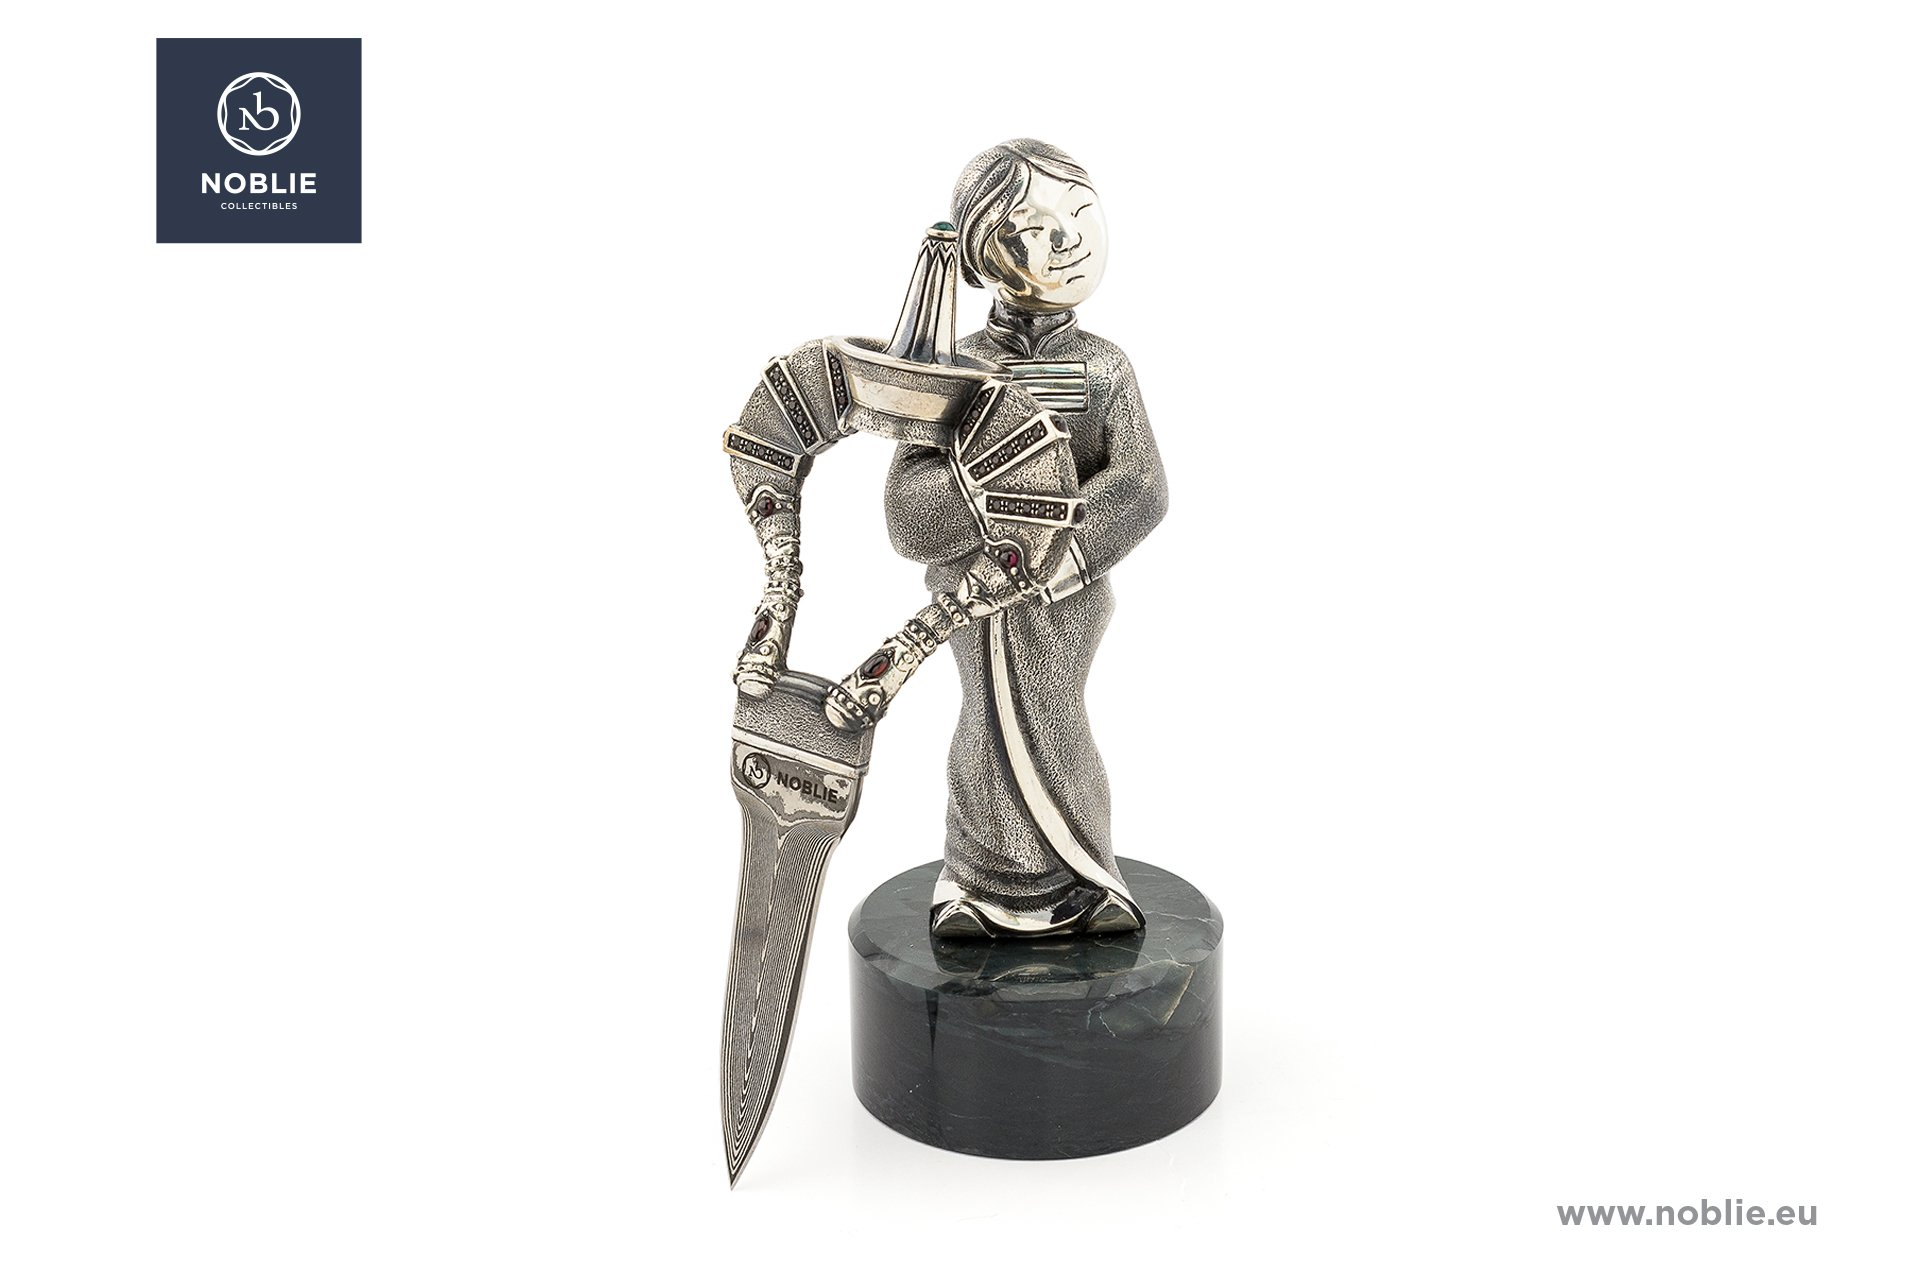 handmade knife sculpture